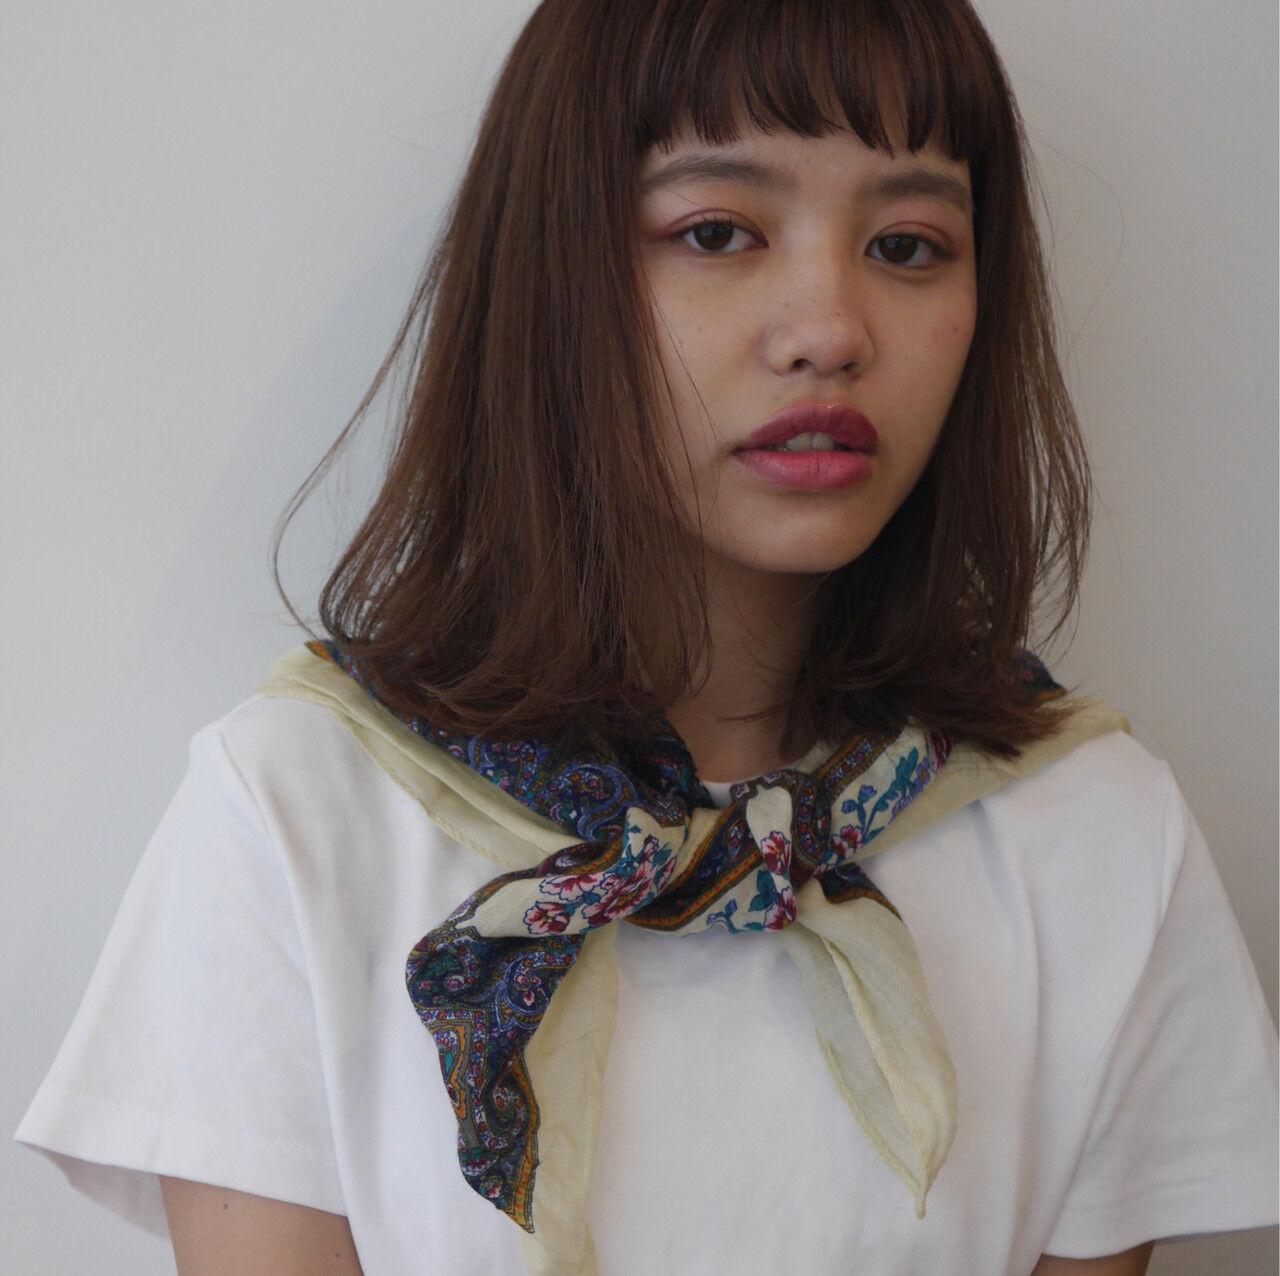 鎖骨ミディアム 外国人風 ミディアムレイヤー ナチュラルヘアスタイルや髪型の写真・画像